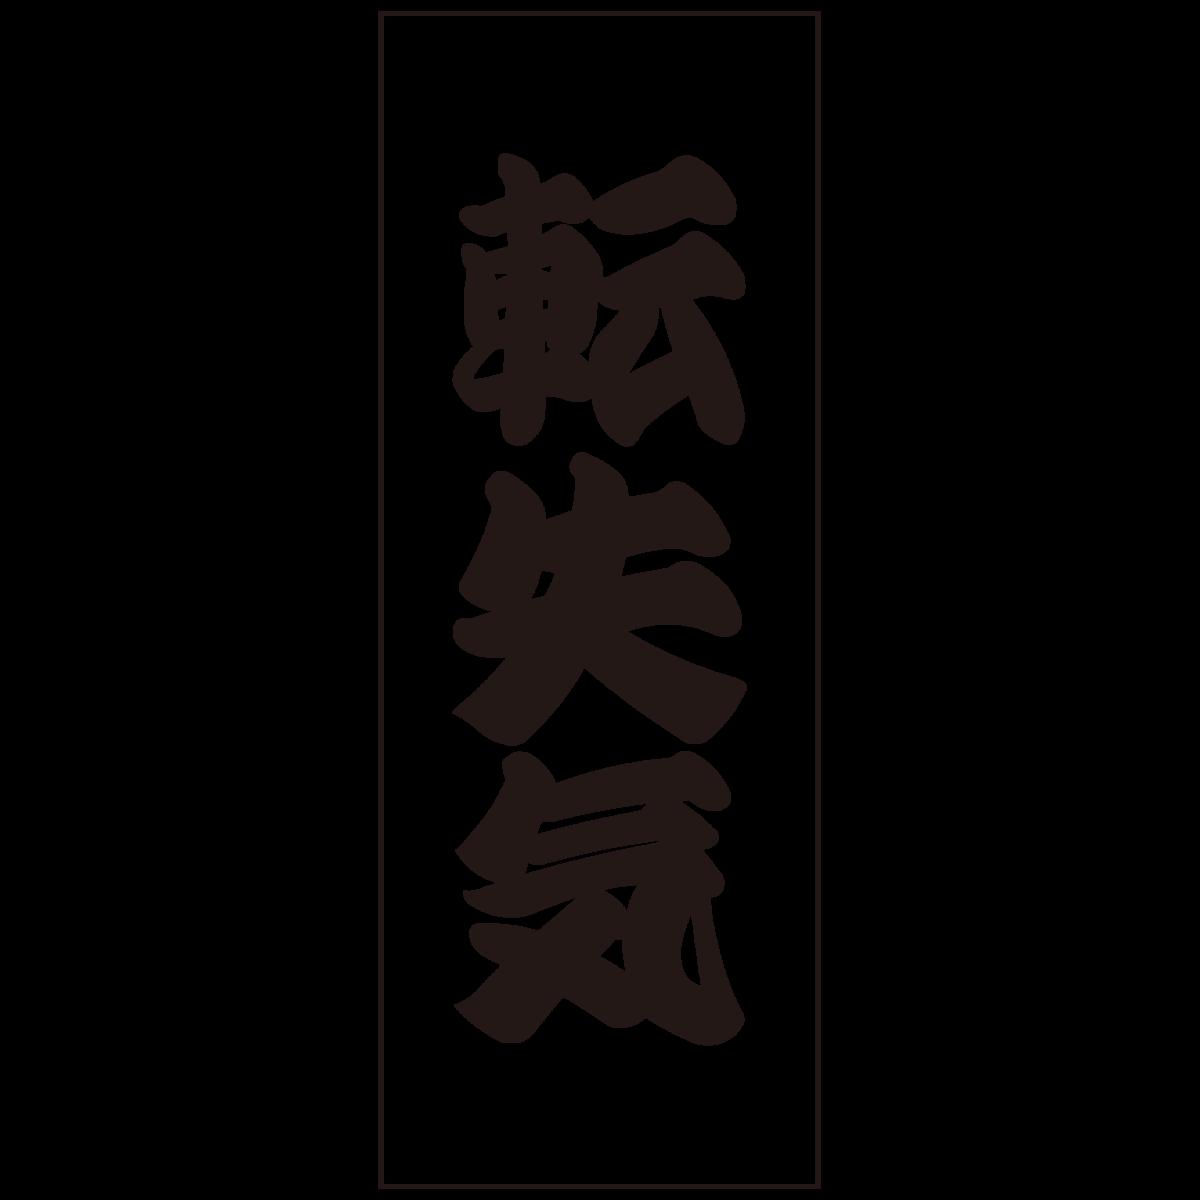 f:id:mojiru:20190319084556p:plain